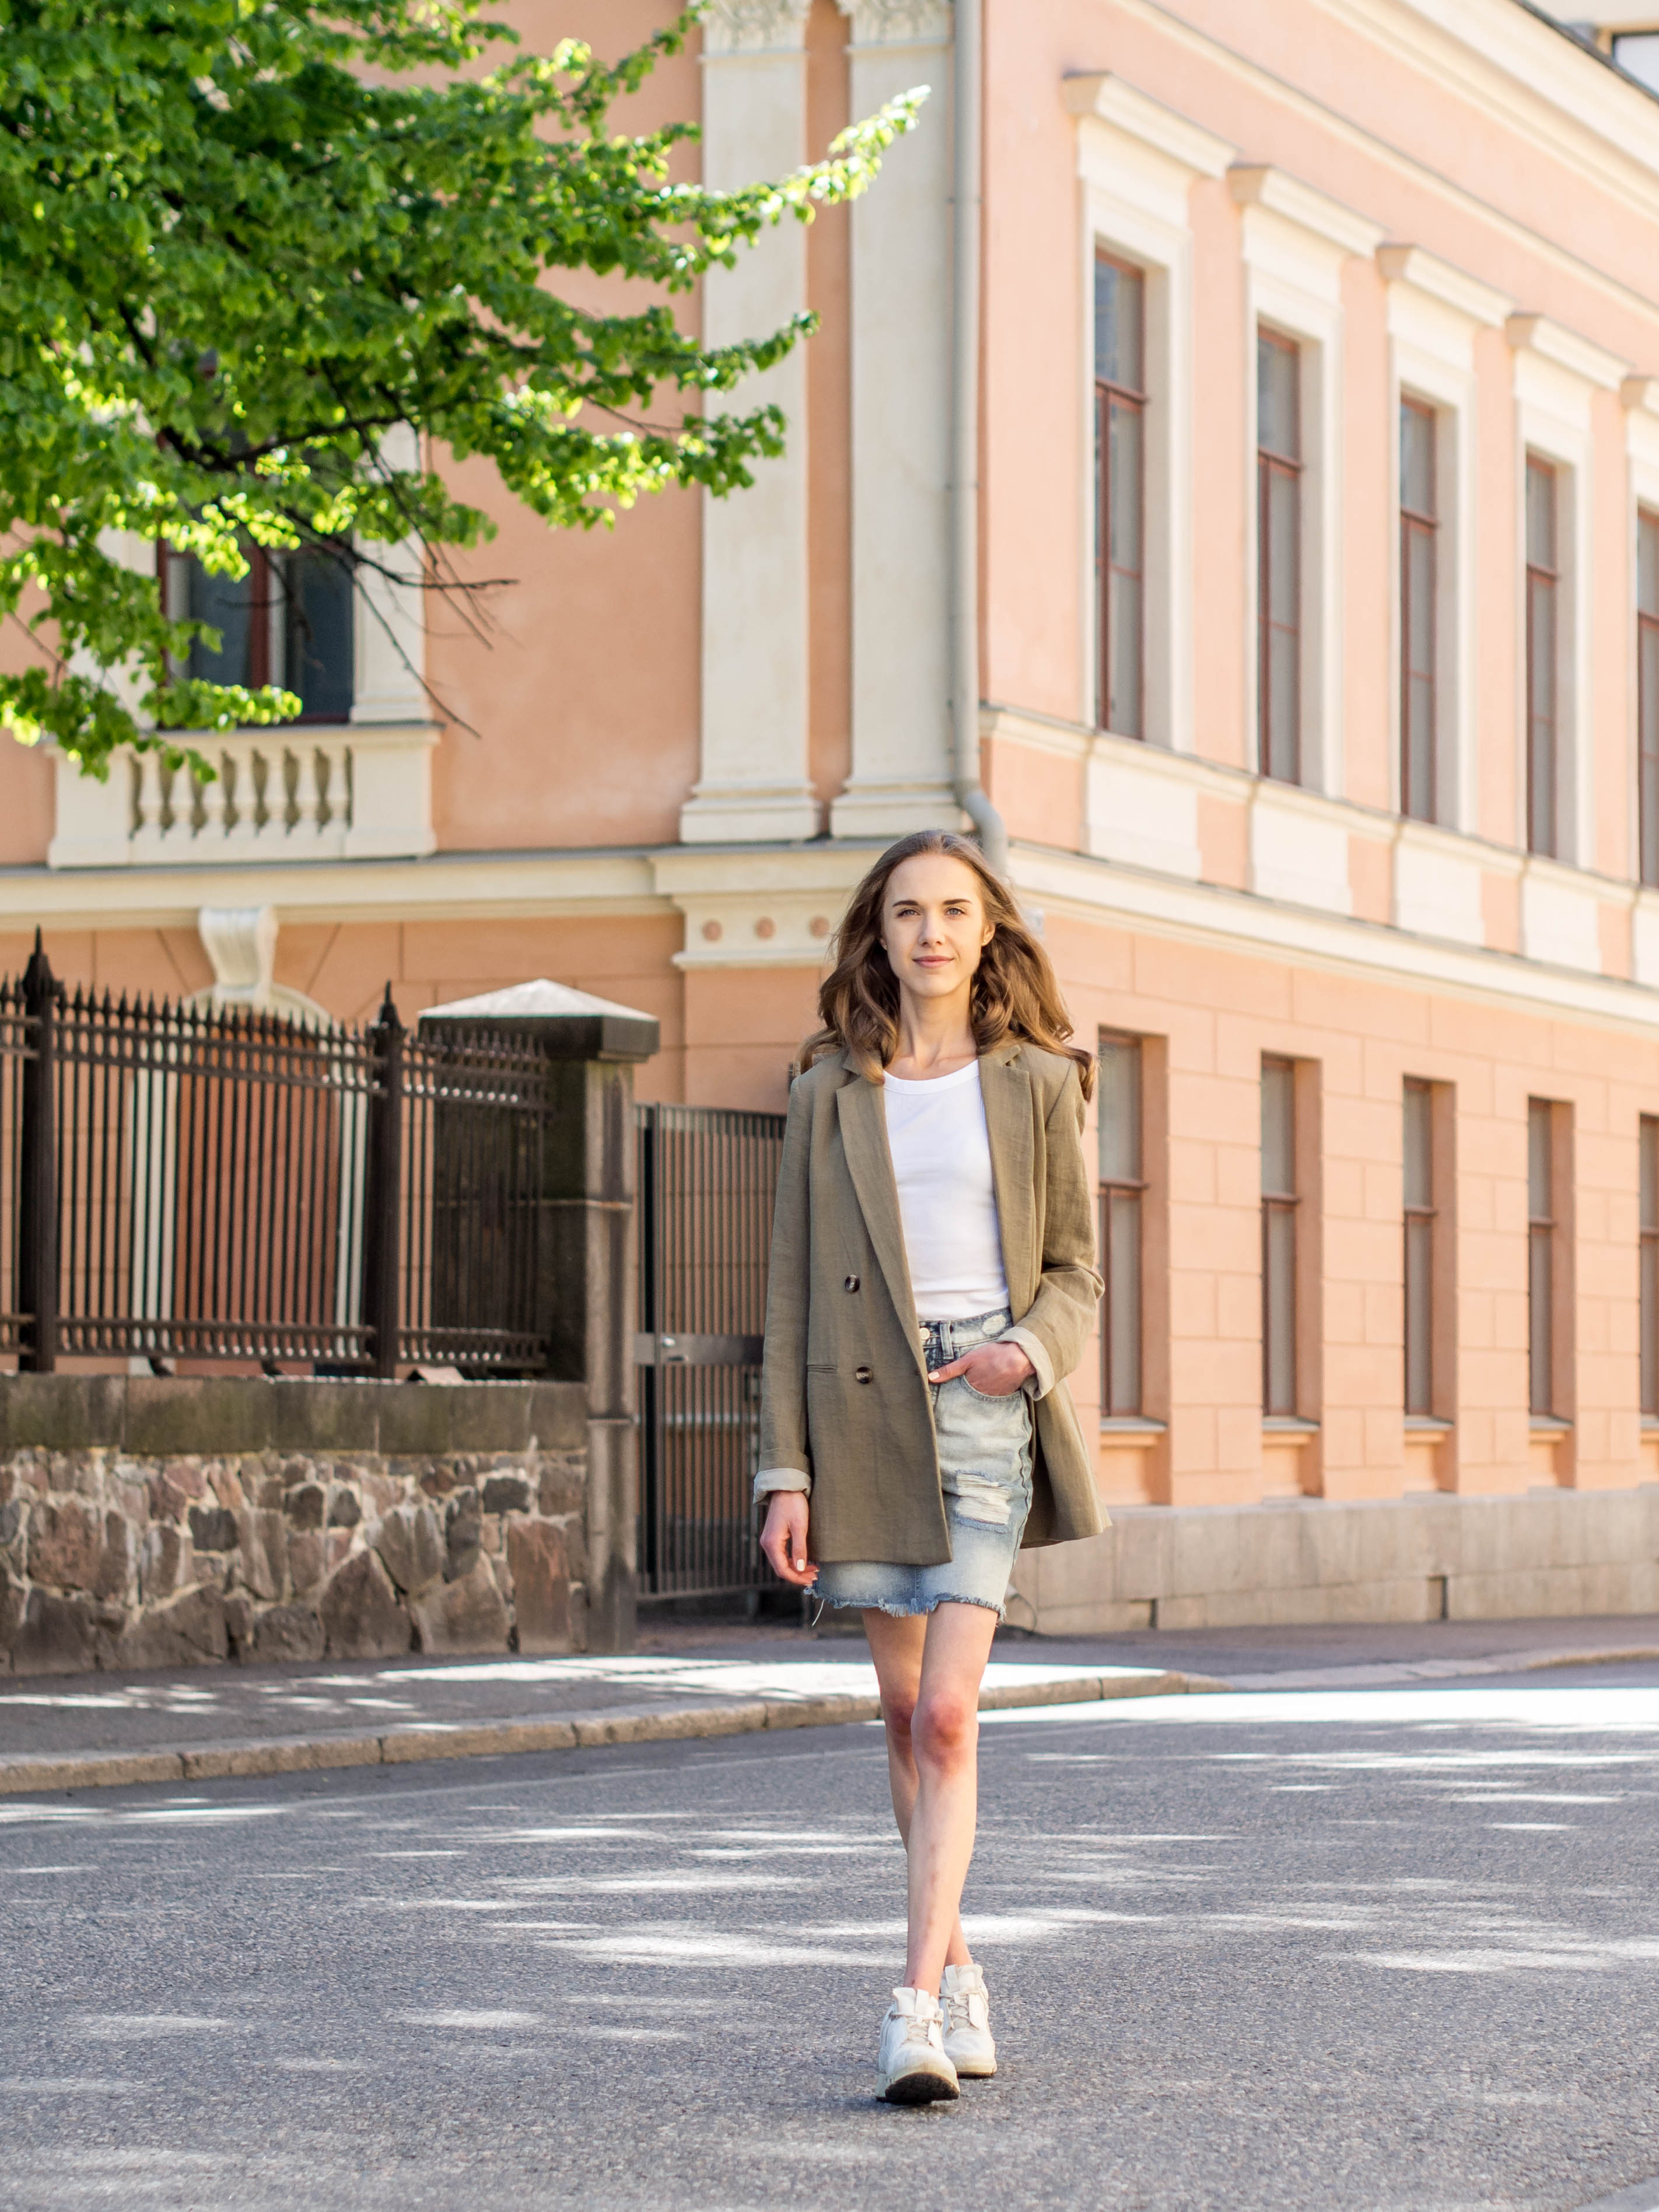 Summer fashion inspiration 2020 - Kesämuoti, tyyli-inspiraatio, muotibloggaaja